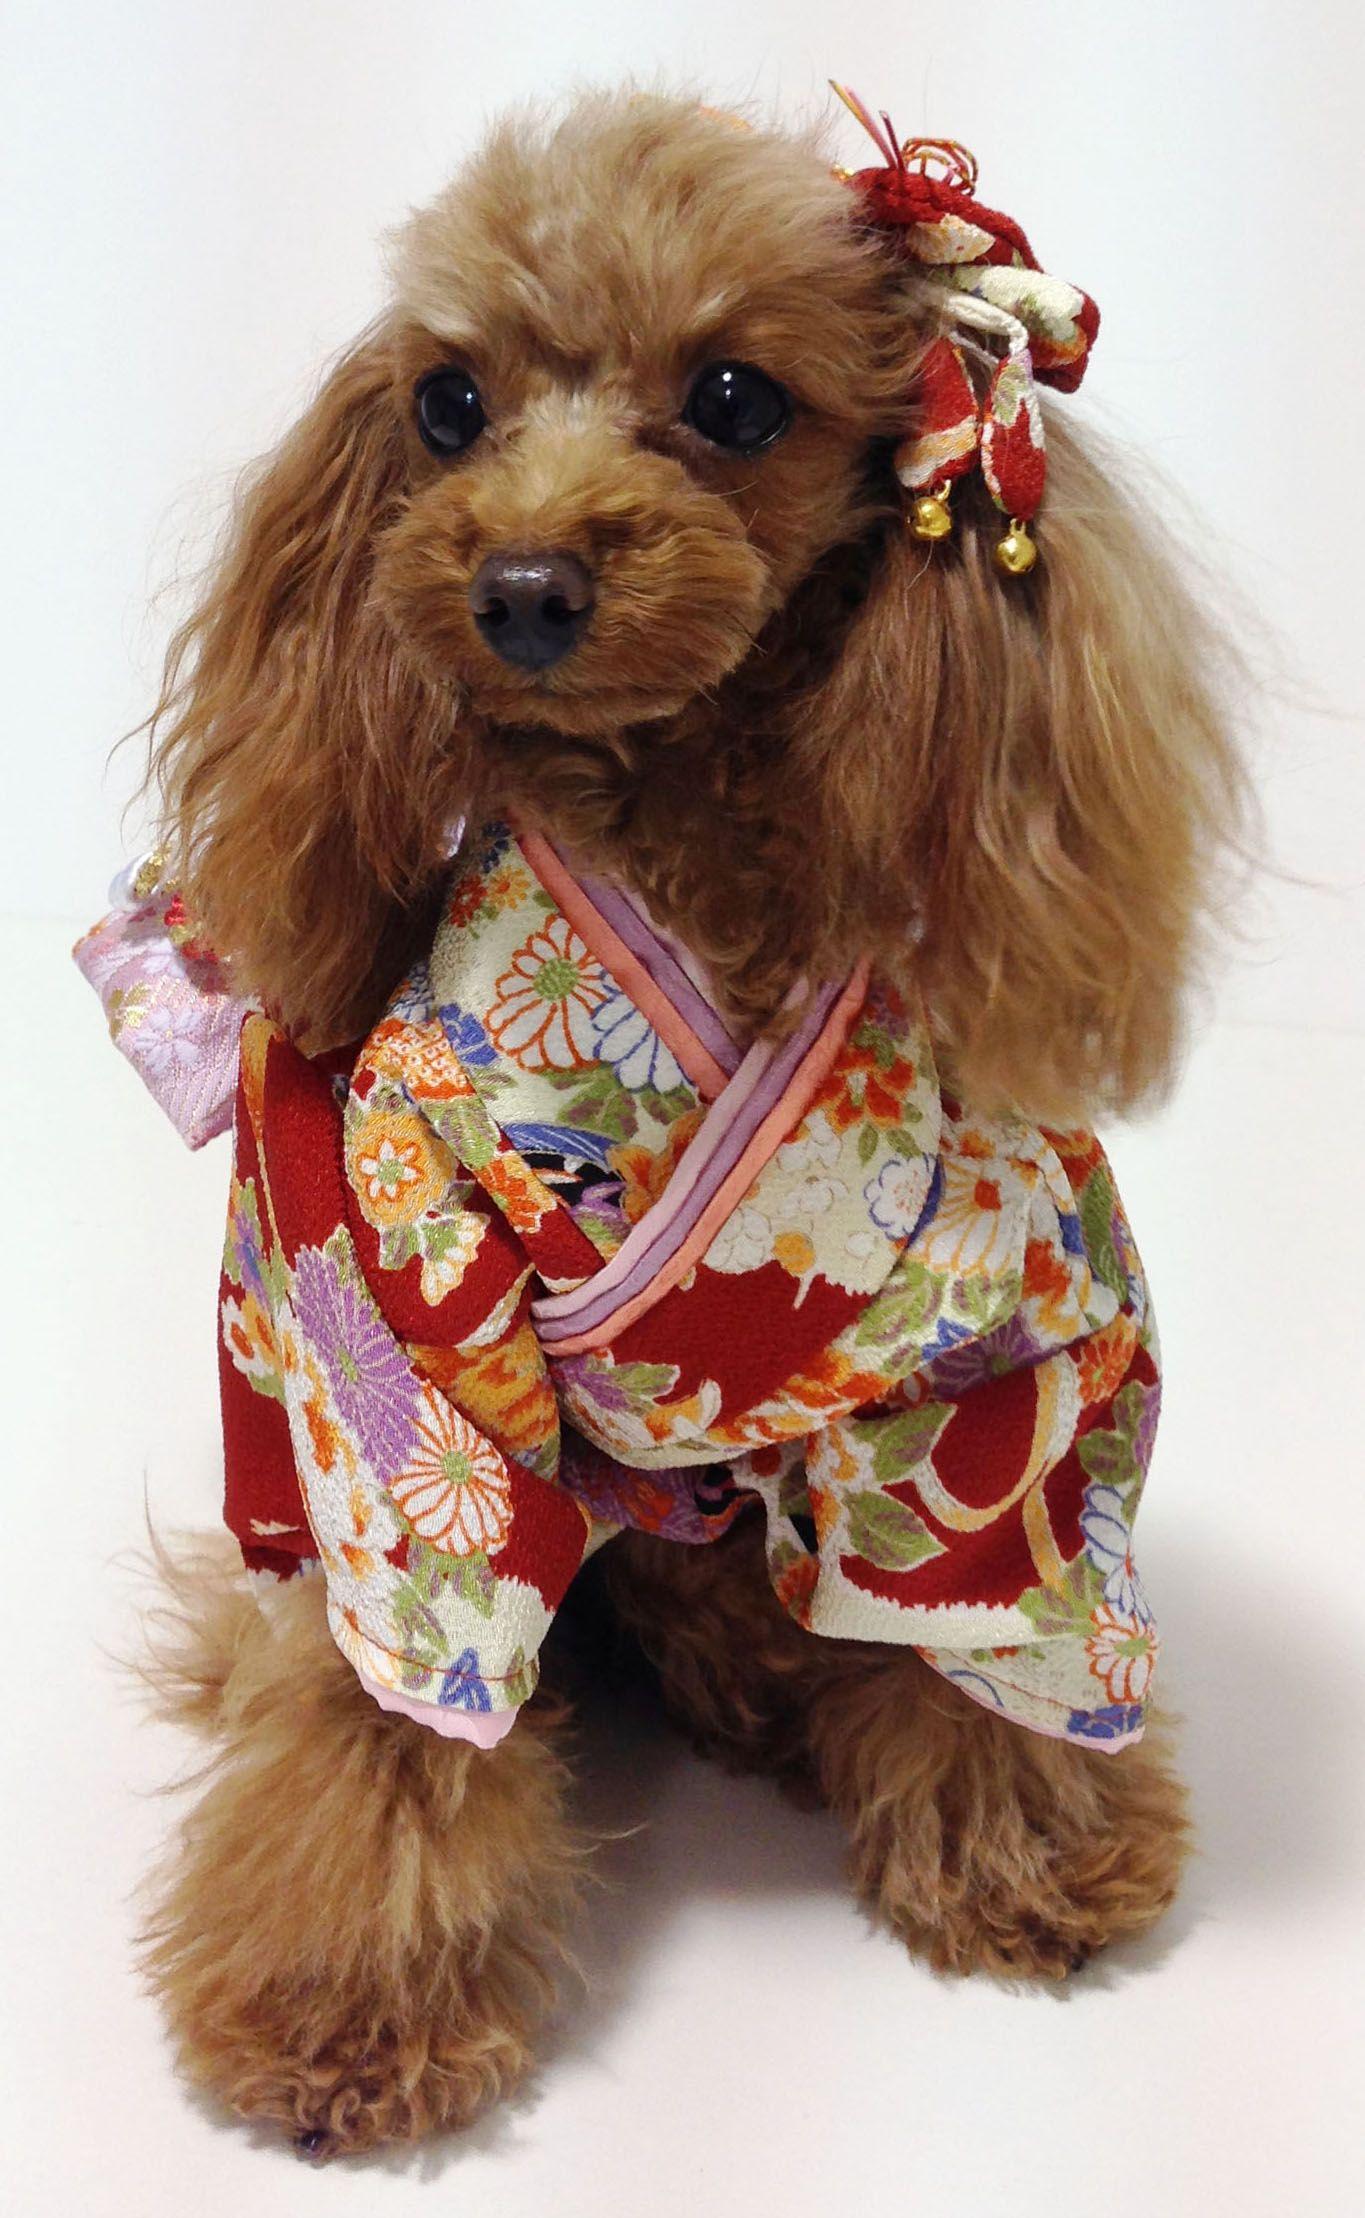 犬 服 代官山nahomillyの 本格 着物 きもの お振袖 犬服 型紙 犬 犬の洋服